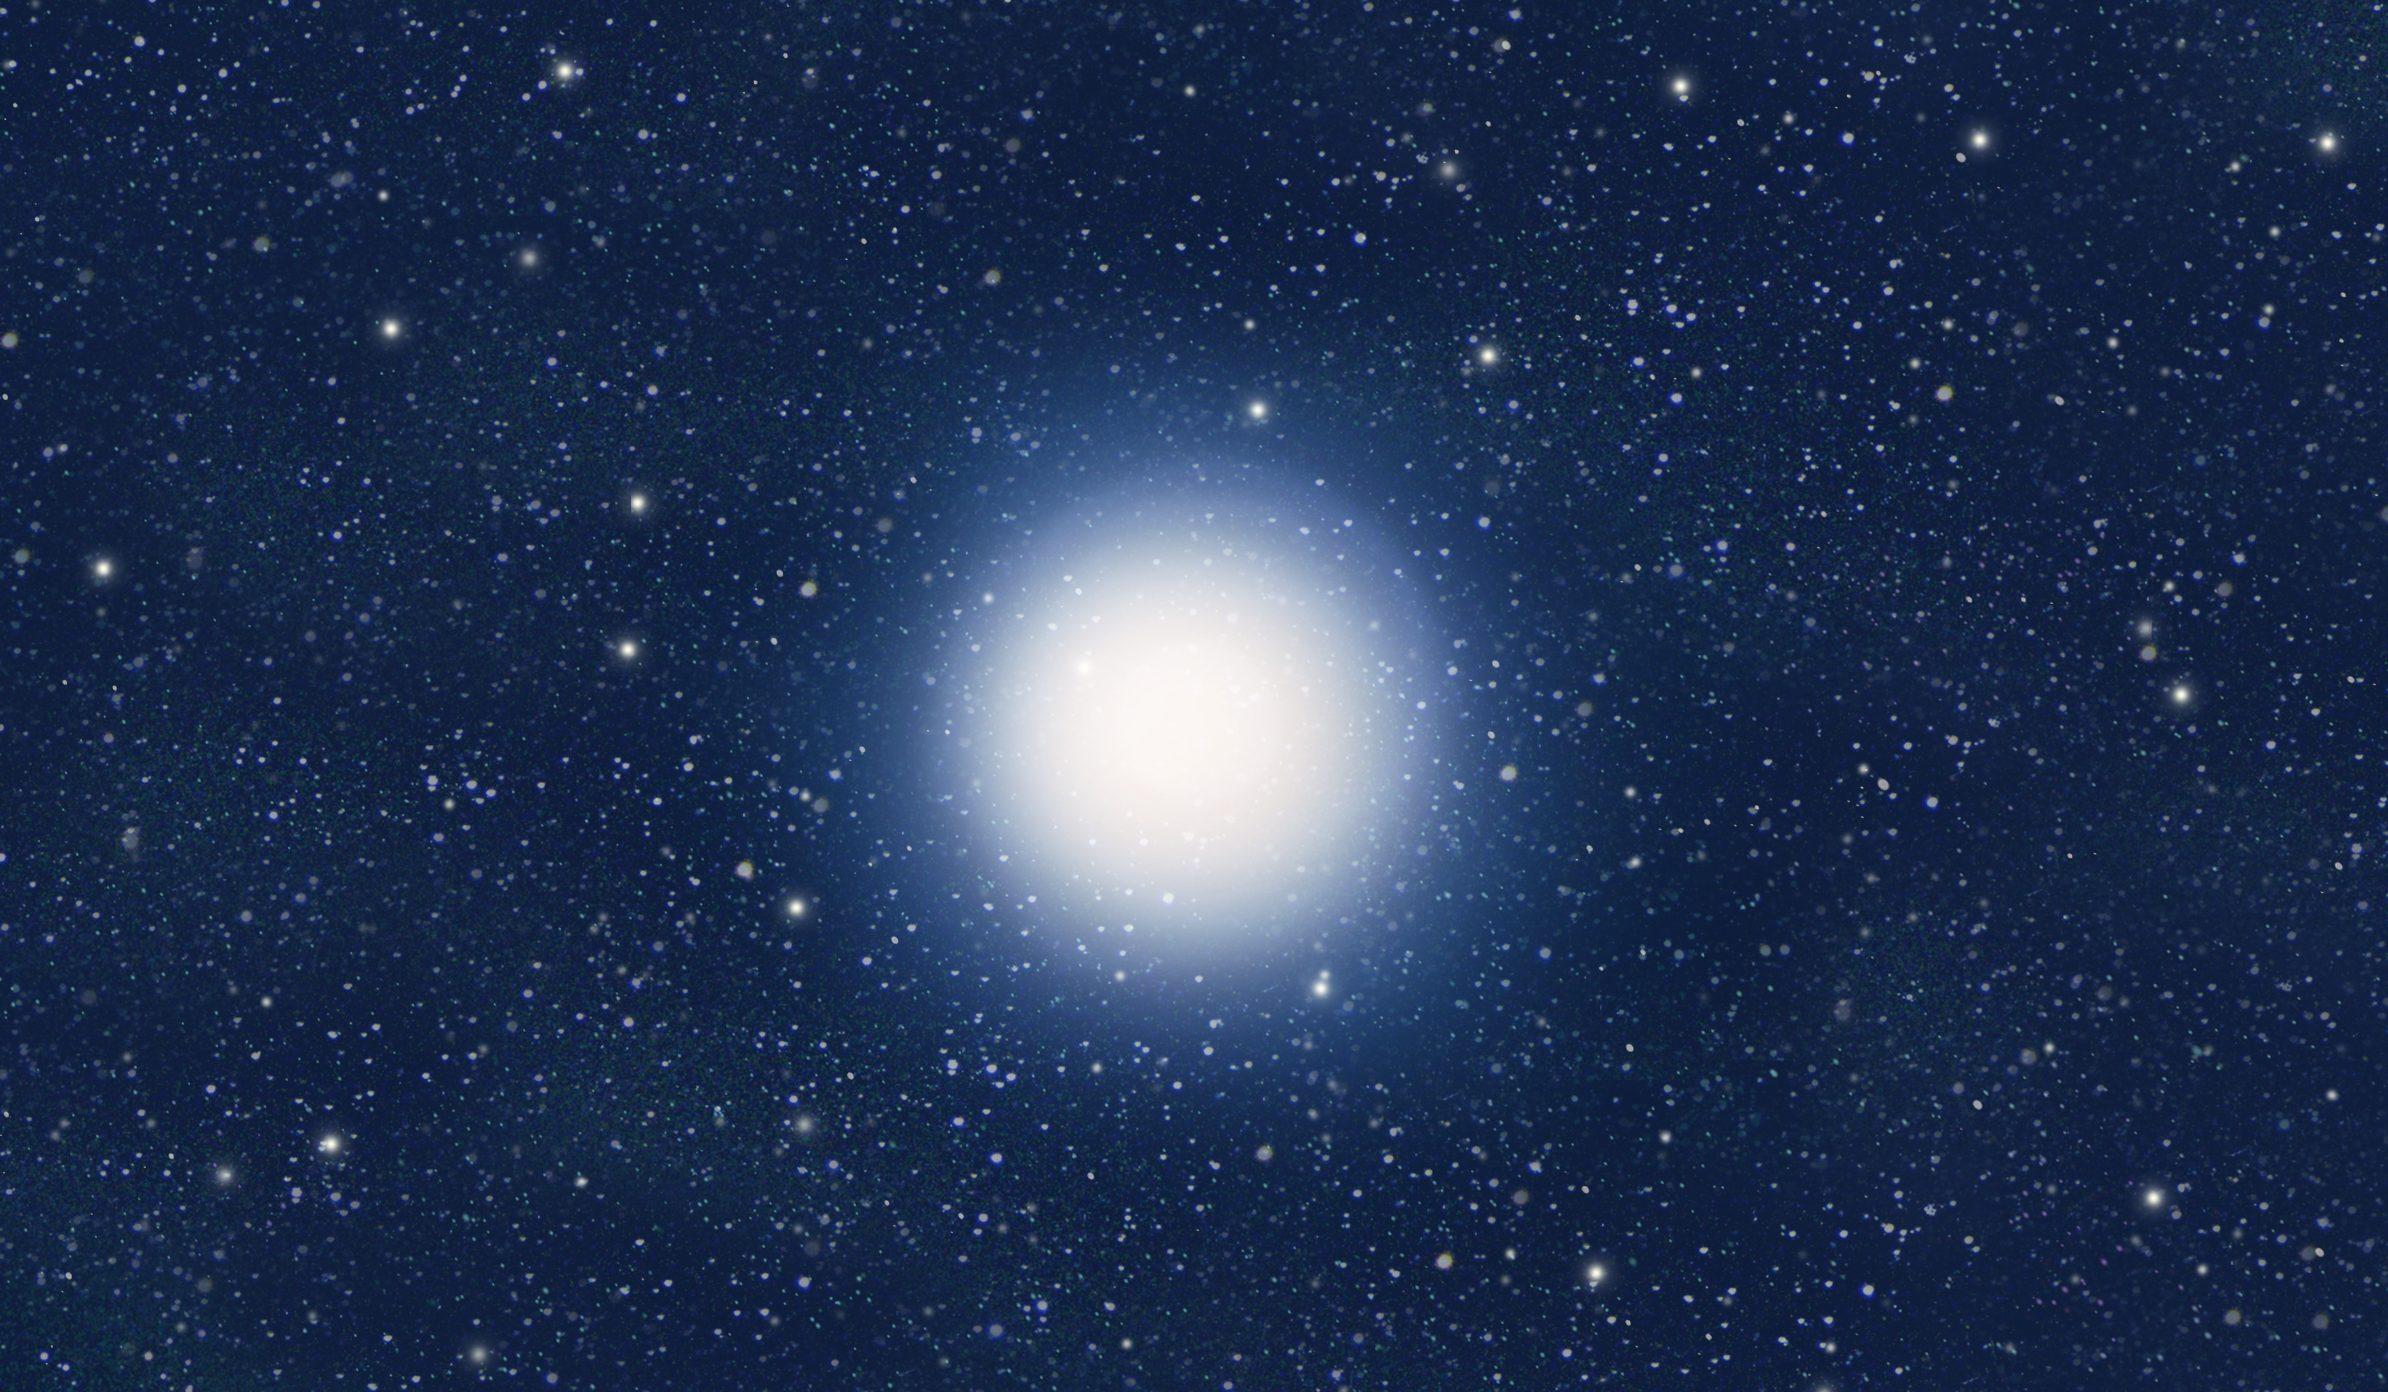 Японские астрономы обнаружили 1800 сверхновых